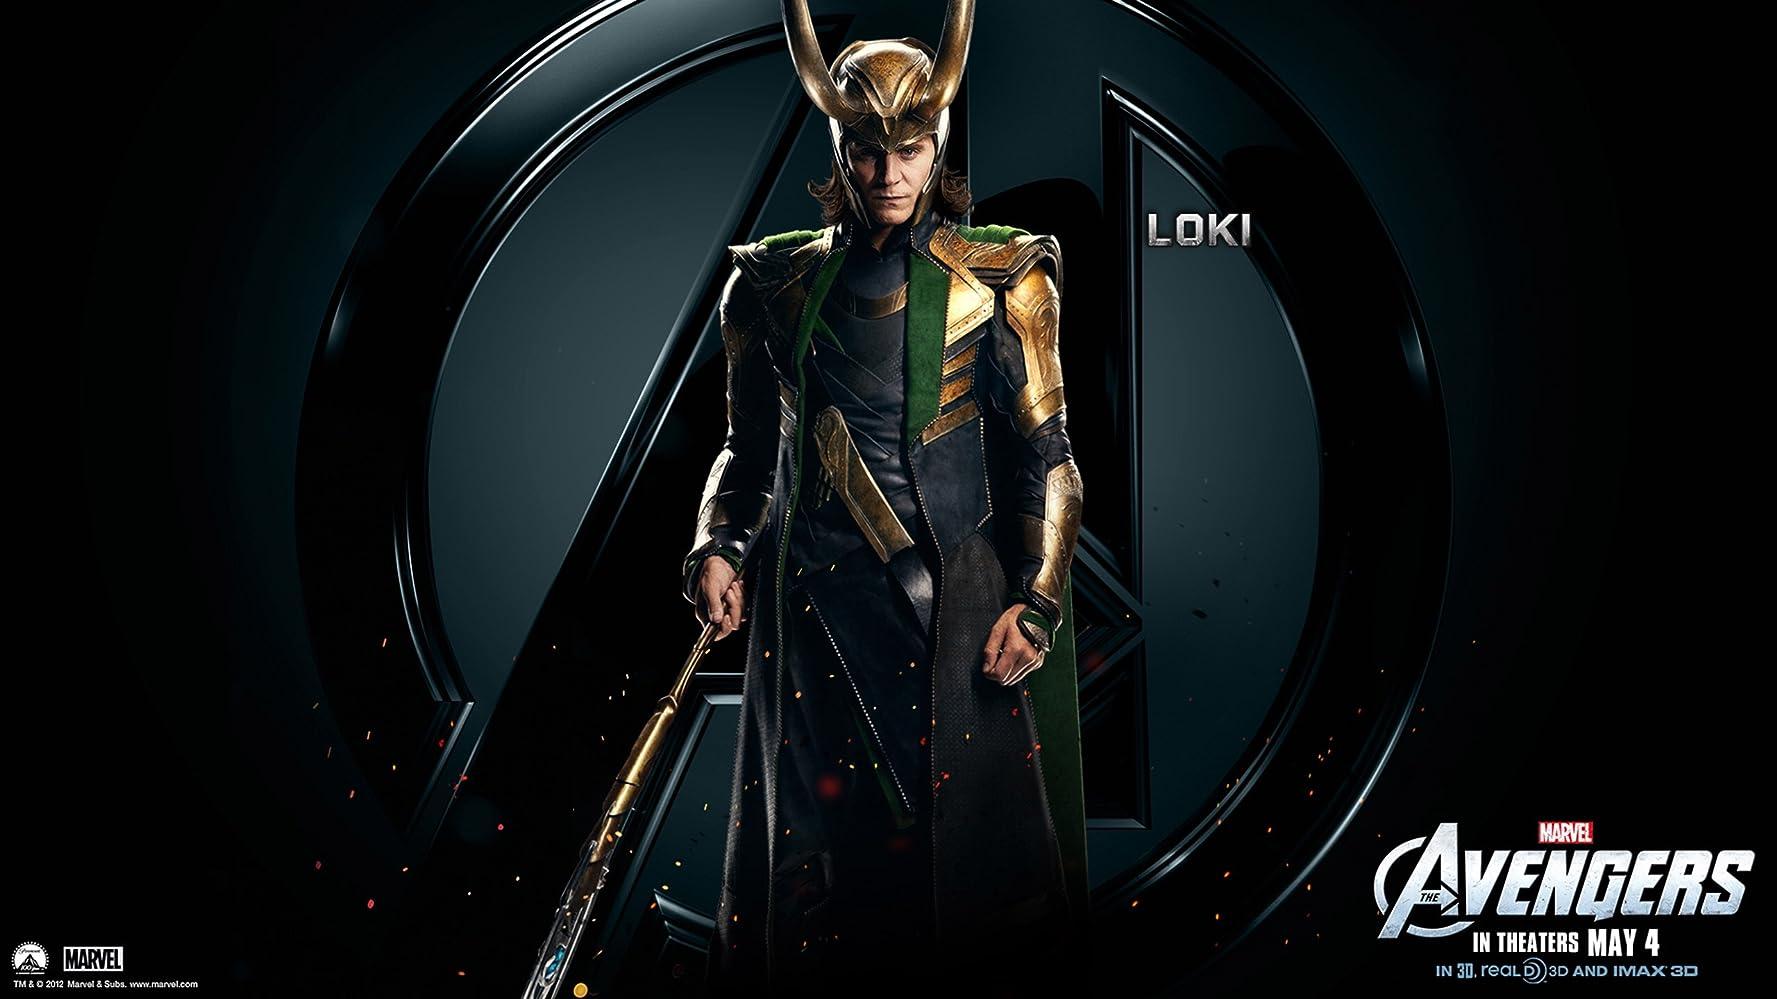 Tom Hiddleston in The Avengers (2012)